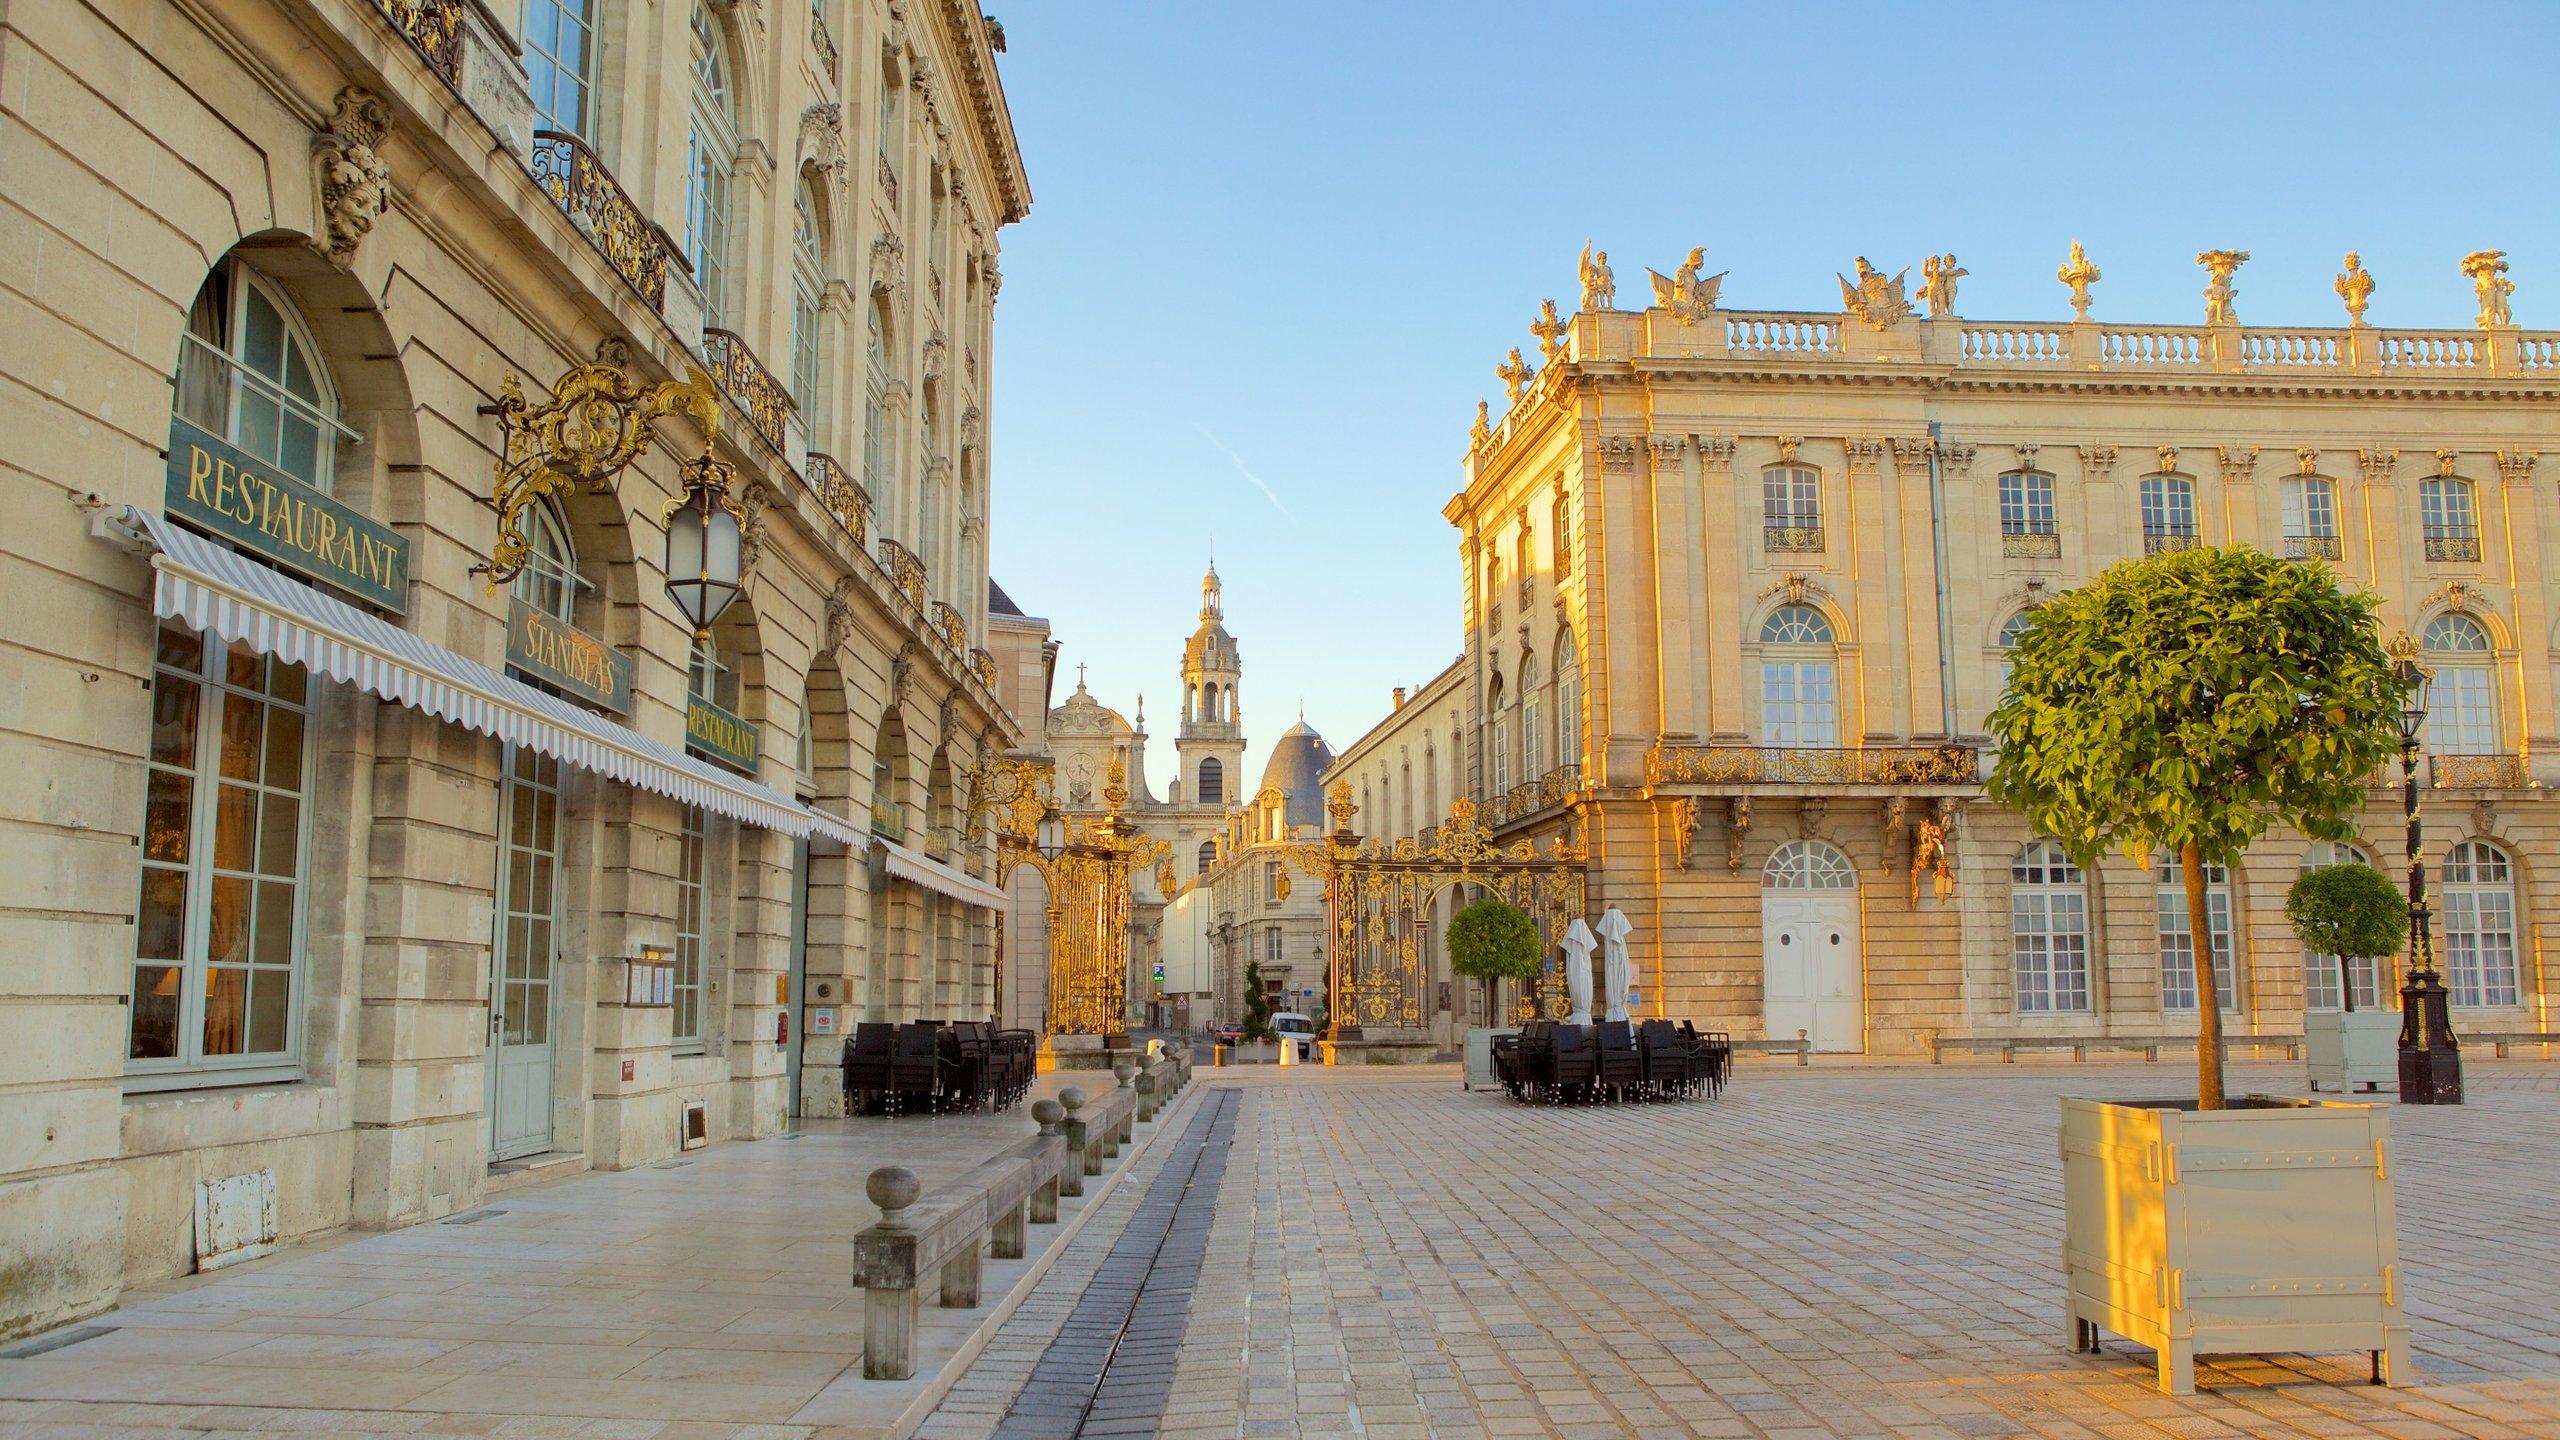 Hôtel de Ville von Nancy, Nancy, Meurthe-et-Moselle (Department), Frankreich